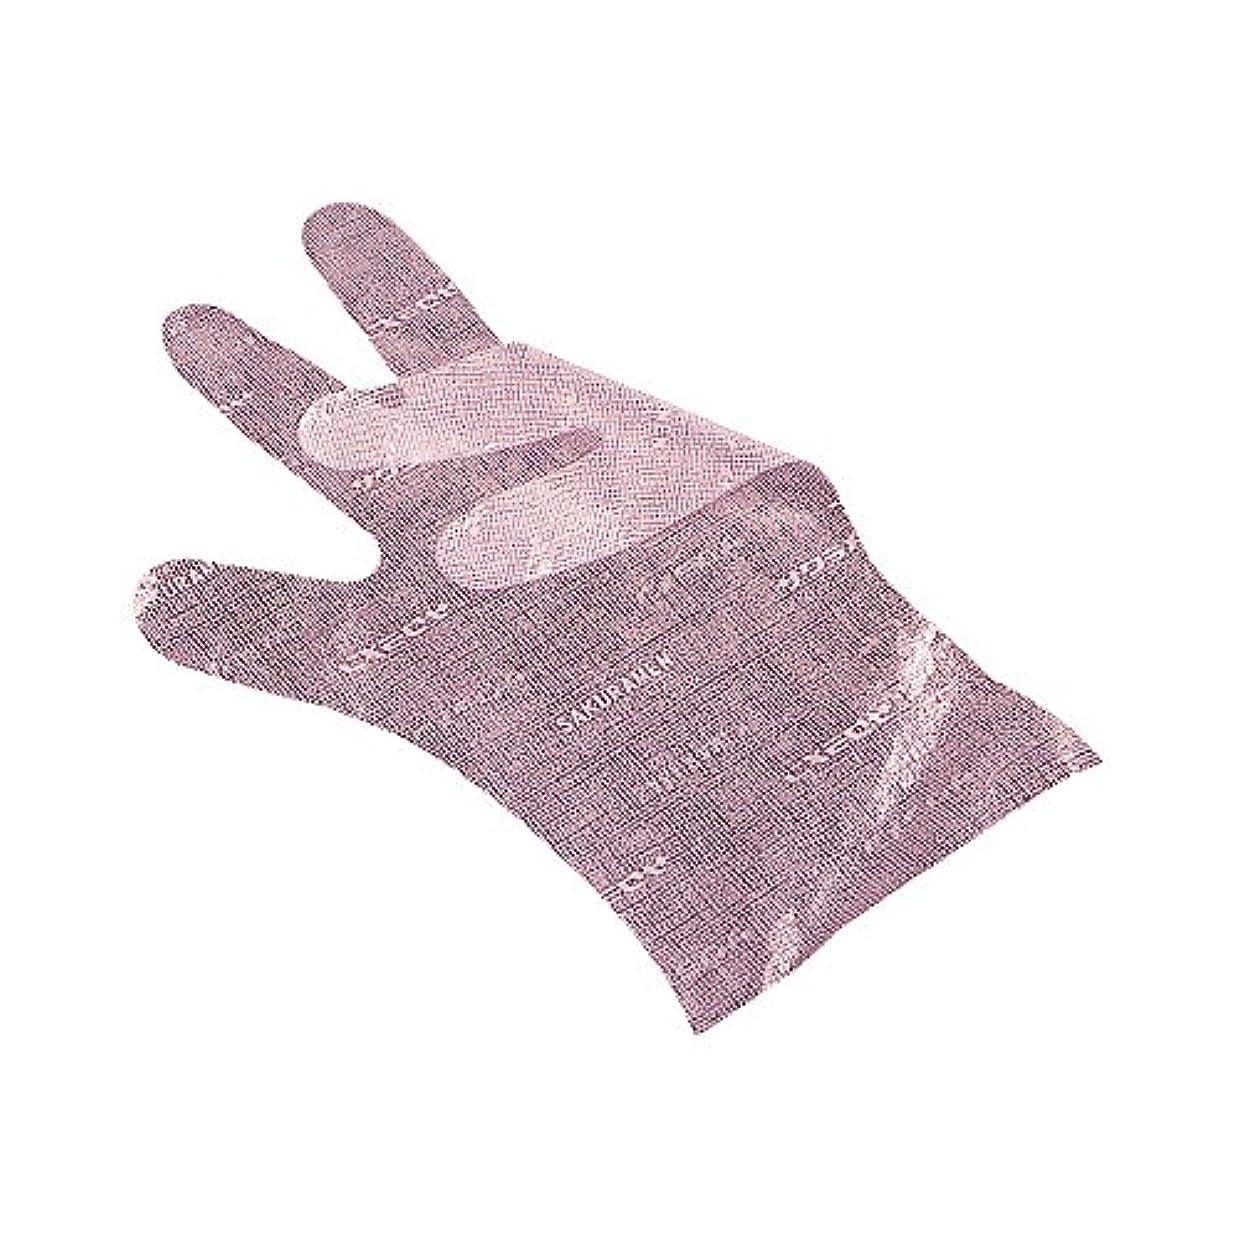 心配何かバンサクラメンエンボス手袋 デラックス ピンク L 100枚入